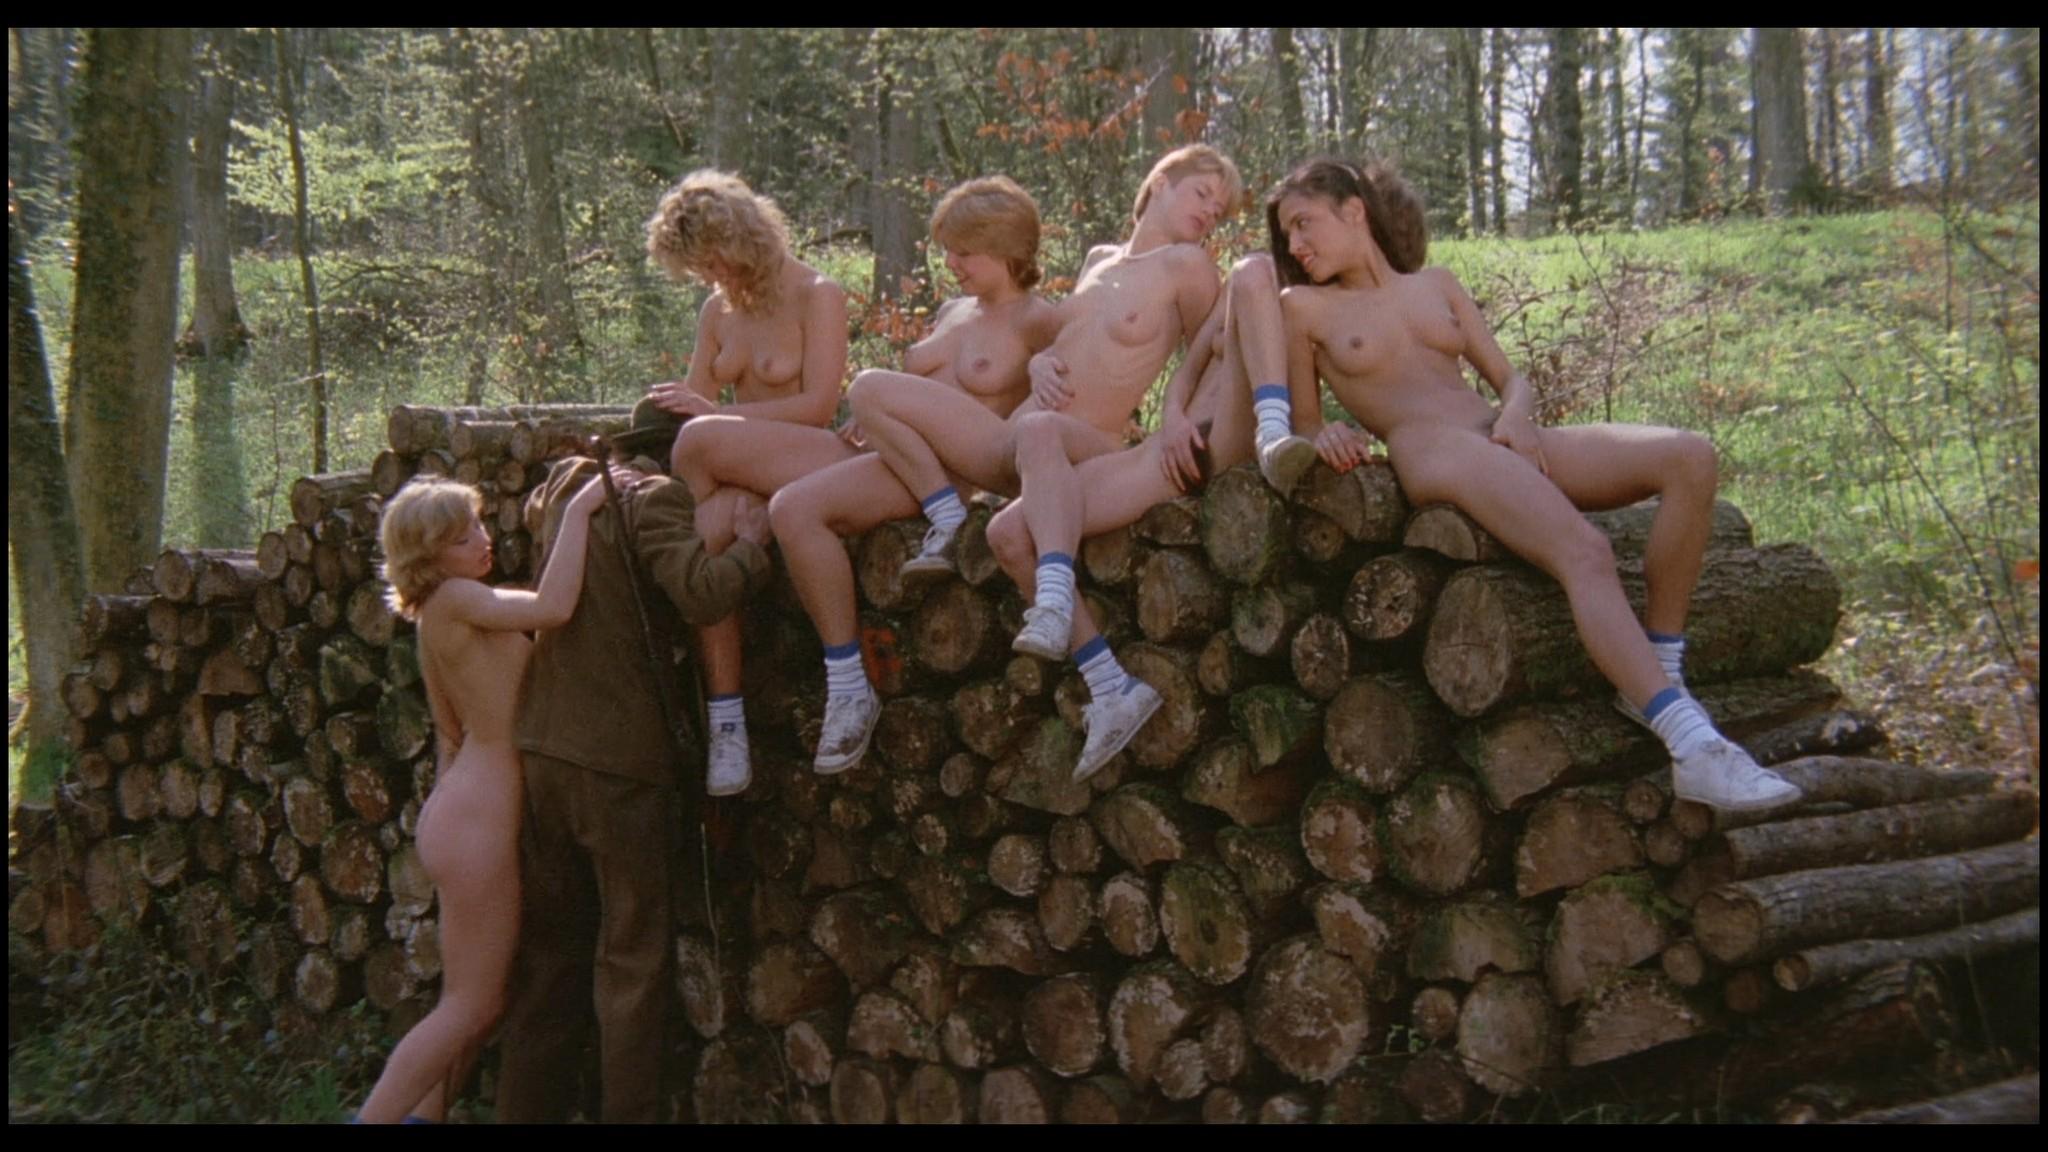 Marianne Aubert Michaela Larsen etc nude explicit sex Sechs Schwedinnen auf der Alm 1983 1080p BluRay 14